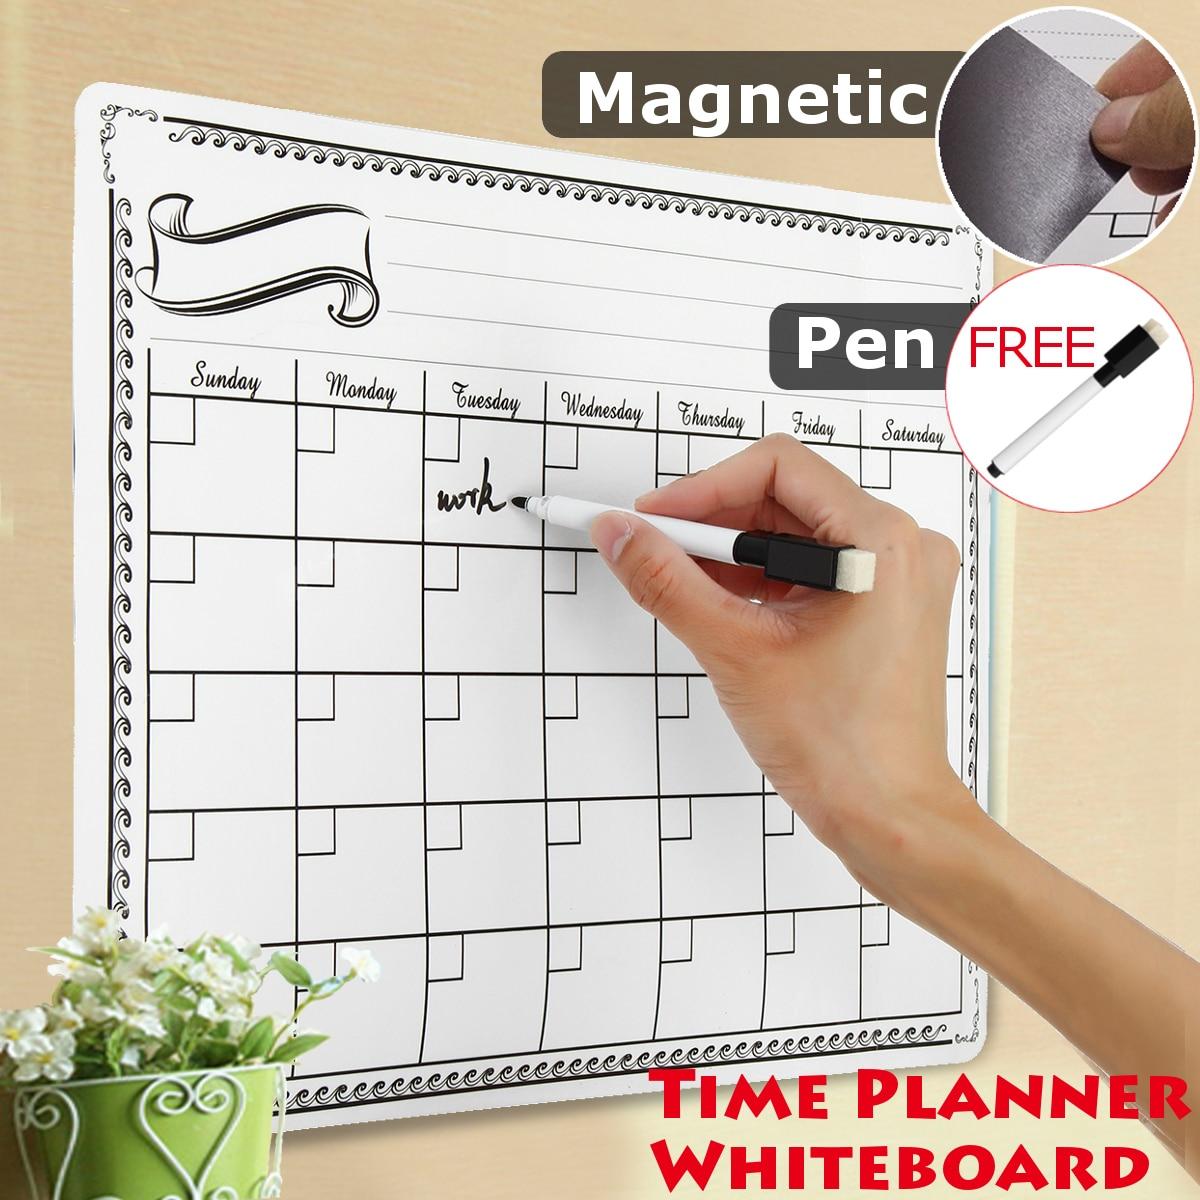 Magnet Plan Whiteboard Flexible Fridge Magnetic Refrigerator  Board Waterproof Drawing Message Board 42X30CM